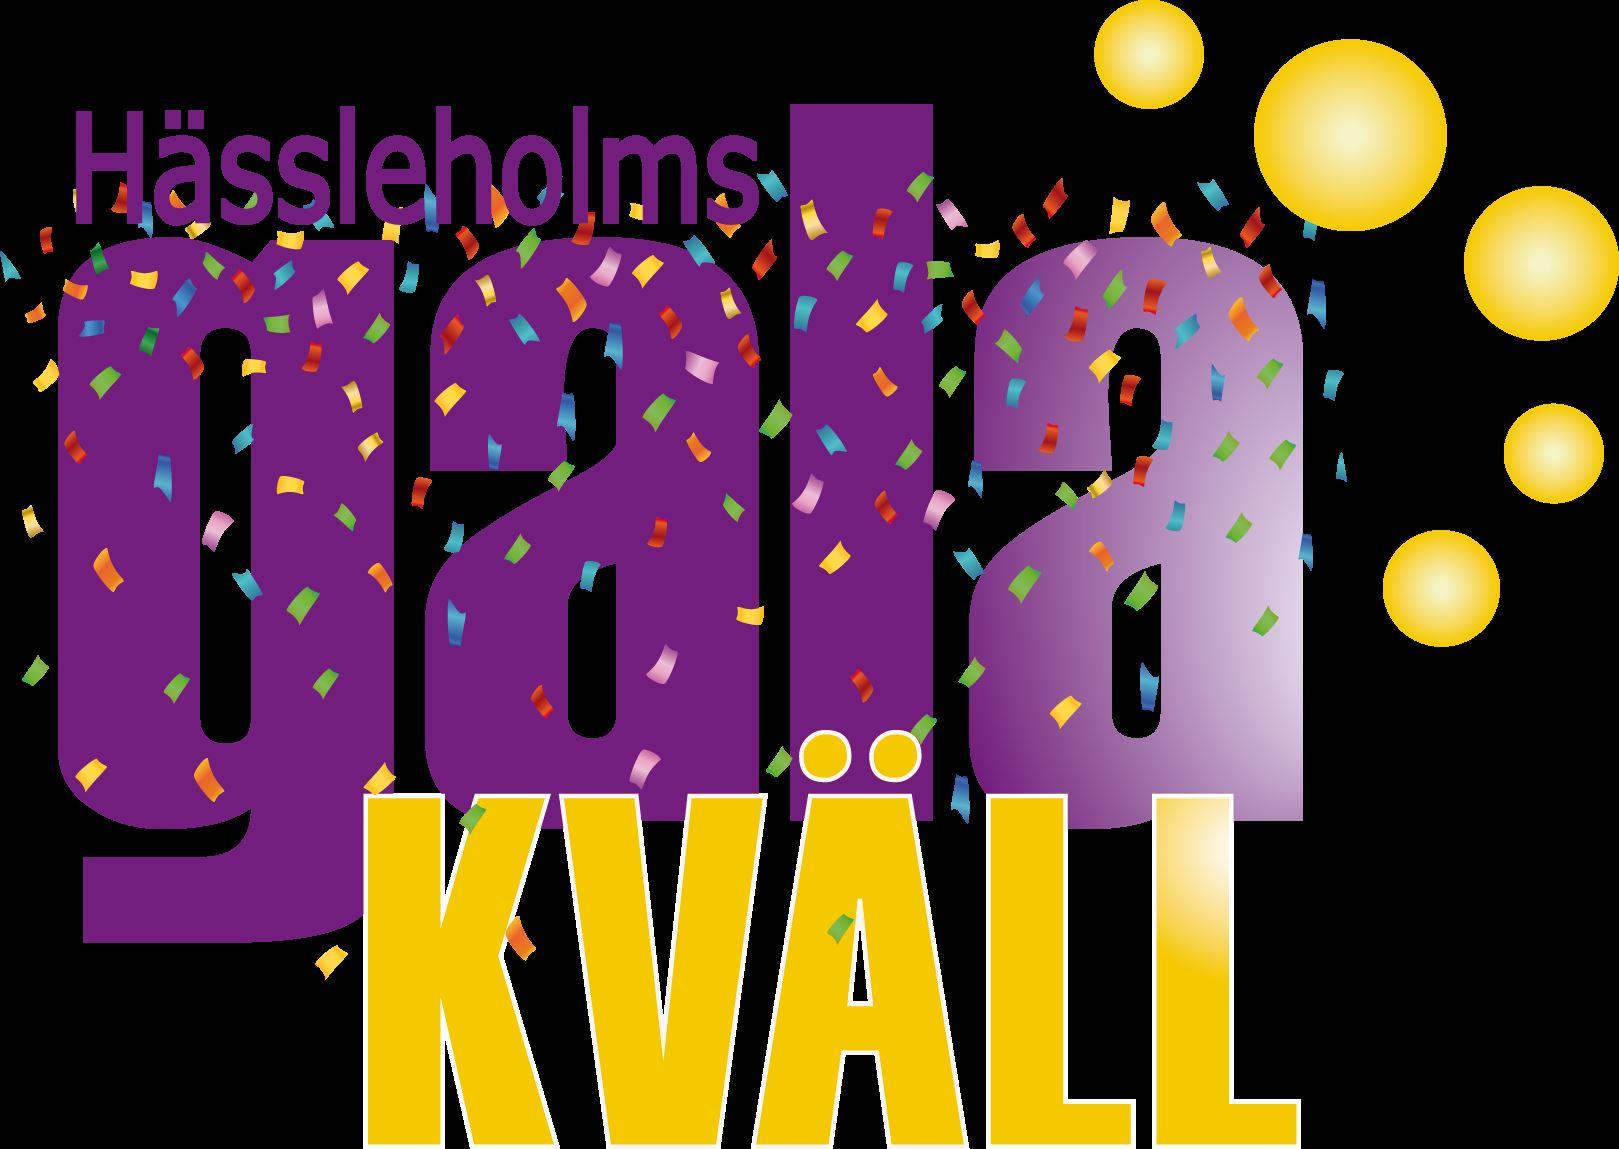 Hässleholms Galakväll 2017 - SLUTSÅLT